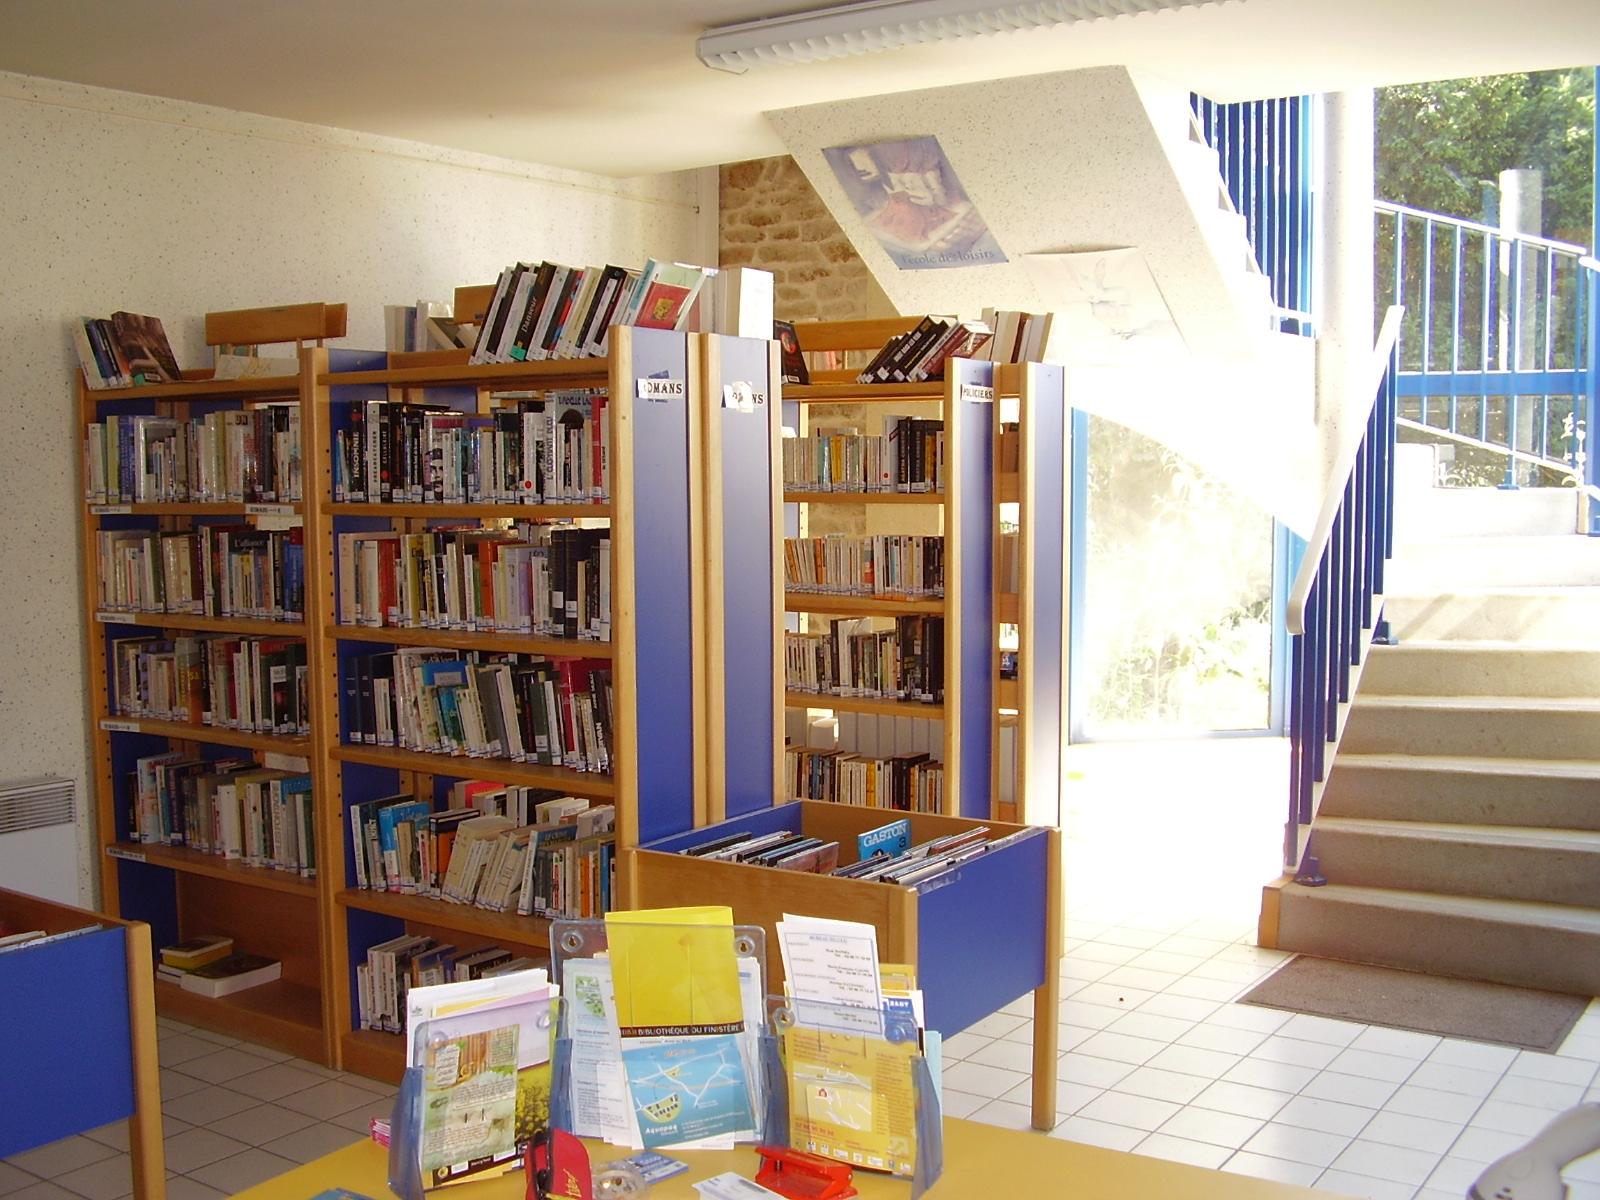 biblioth u00e8que municipale de guilligomarc u0026 39 h  horaires d